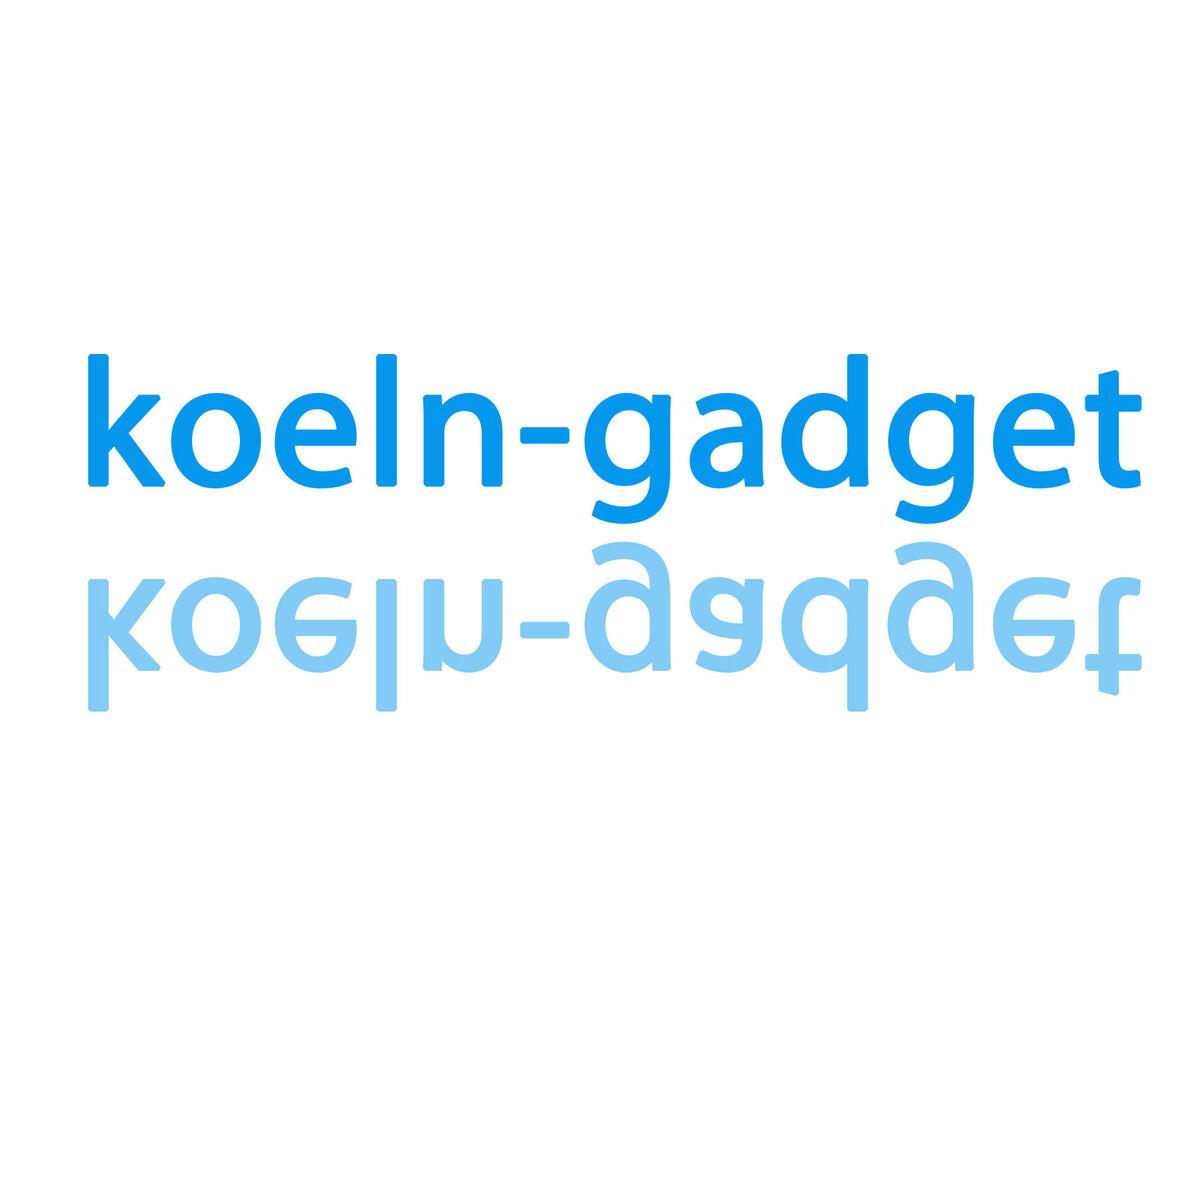 koeln-gadget